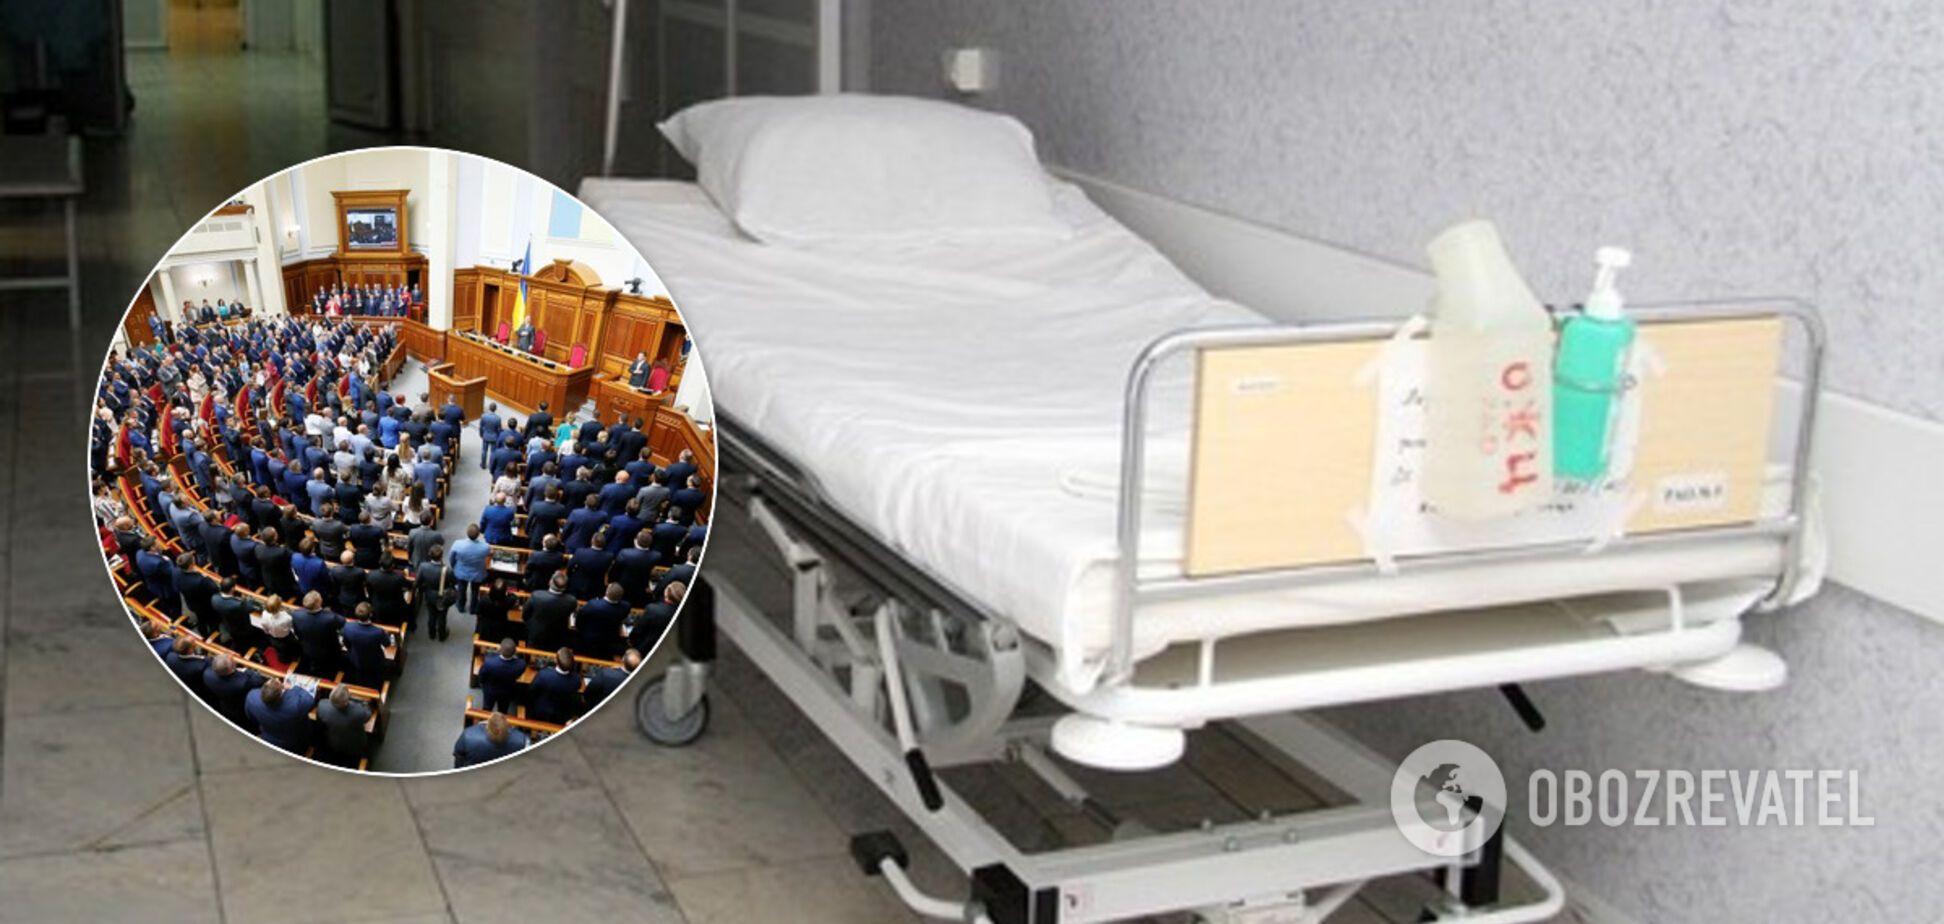 Нардепи зажадали VIP-умов у медустанові, де лікують заражених коронавірусом. Відео